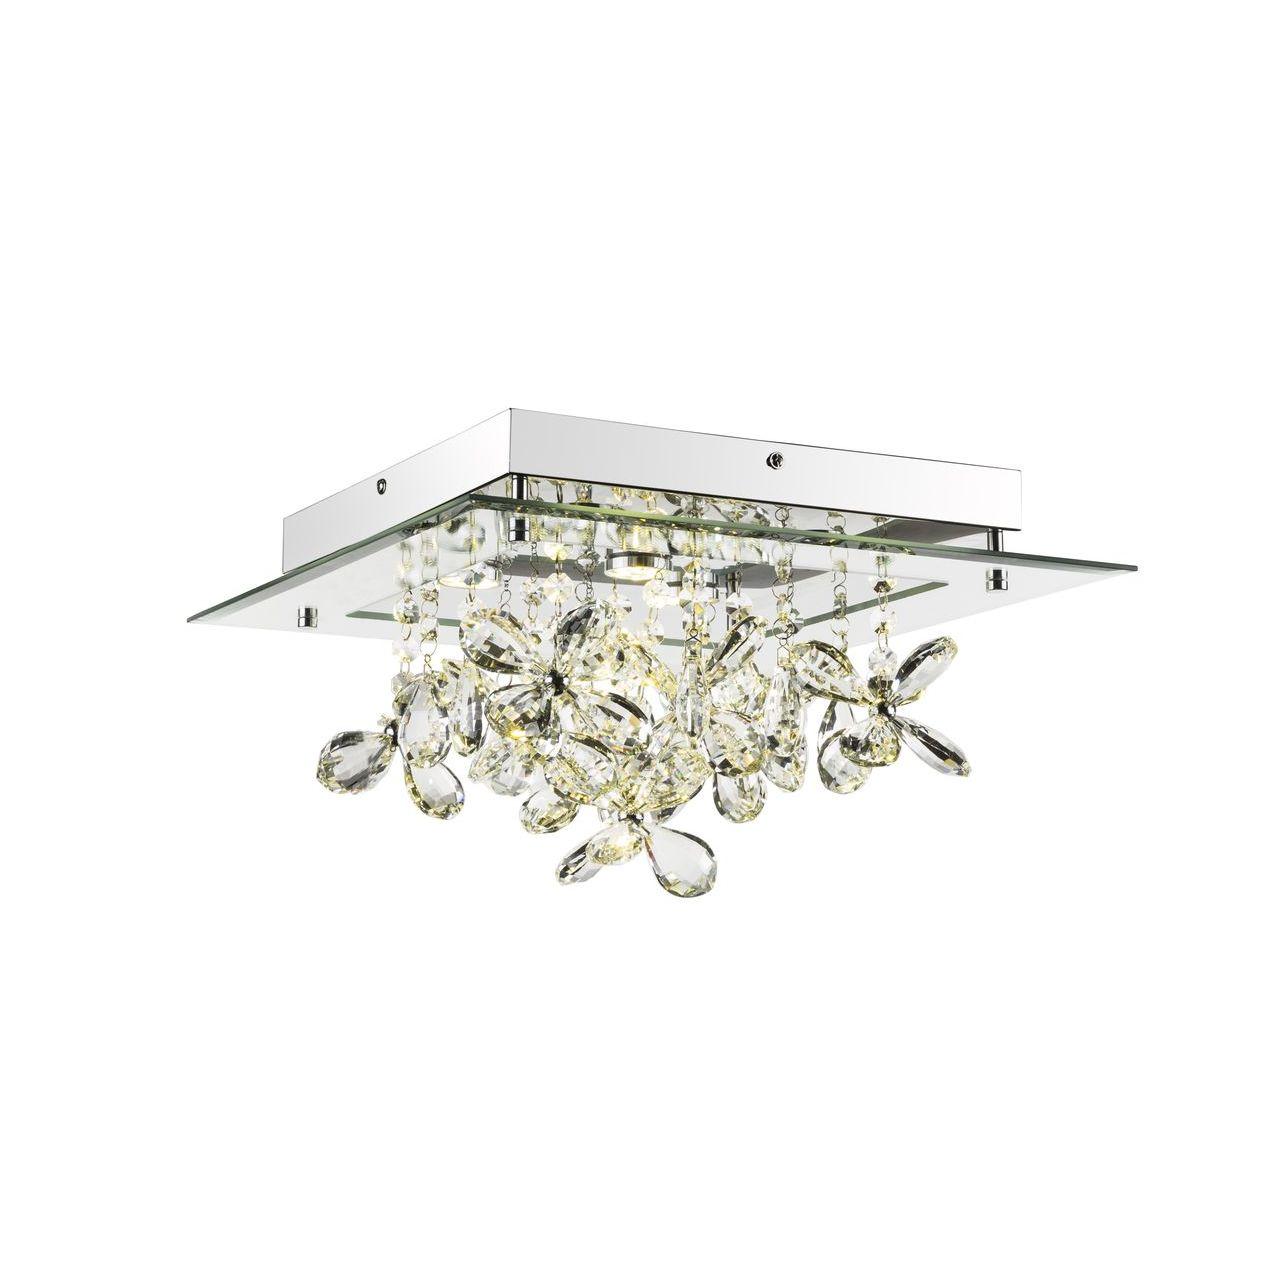 Потолочный светильник Globo, LED, 15 Вт